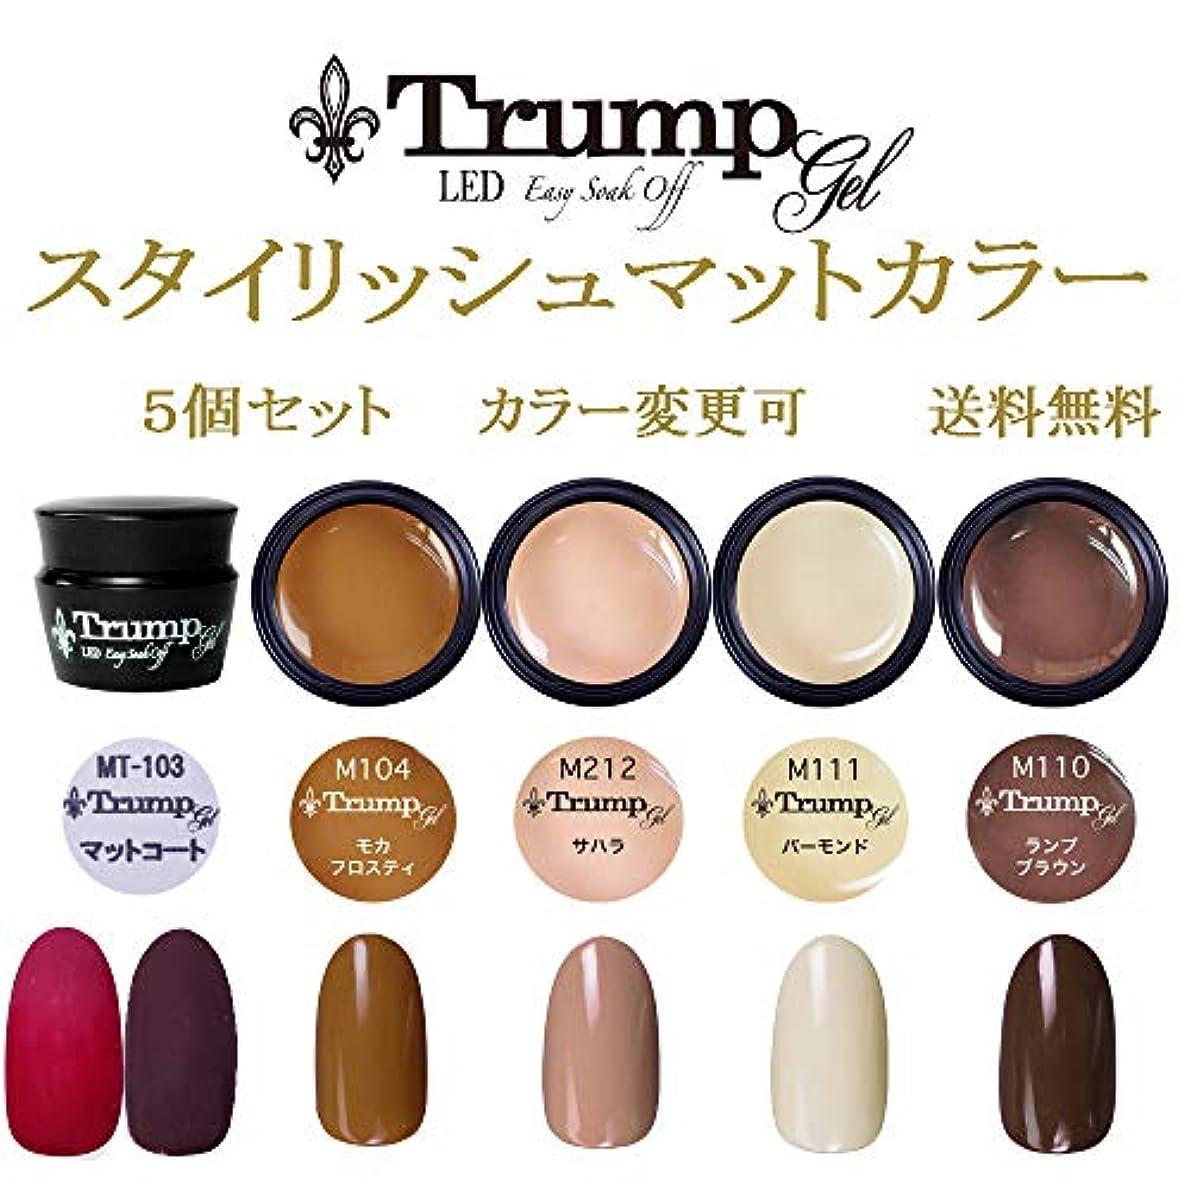 出版予定チェス【送料無料】日本製 Trump gel トランプジェル スタイリッシュマットカラージェル5個セット 5個セット マットカラー ベージュ ブラウン マスタード カラー